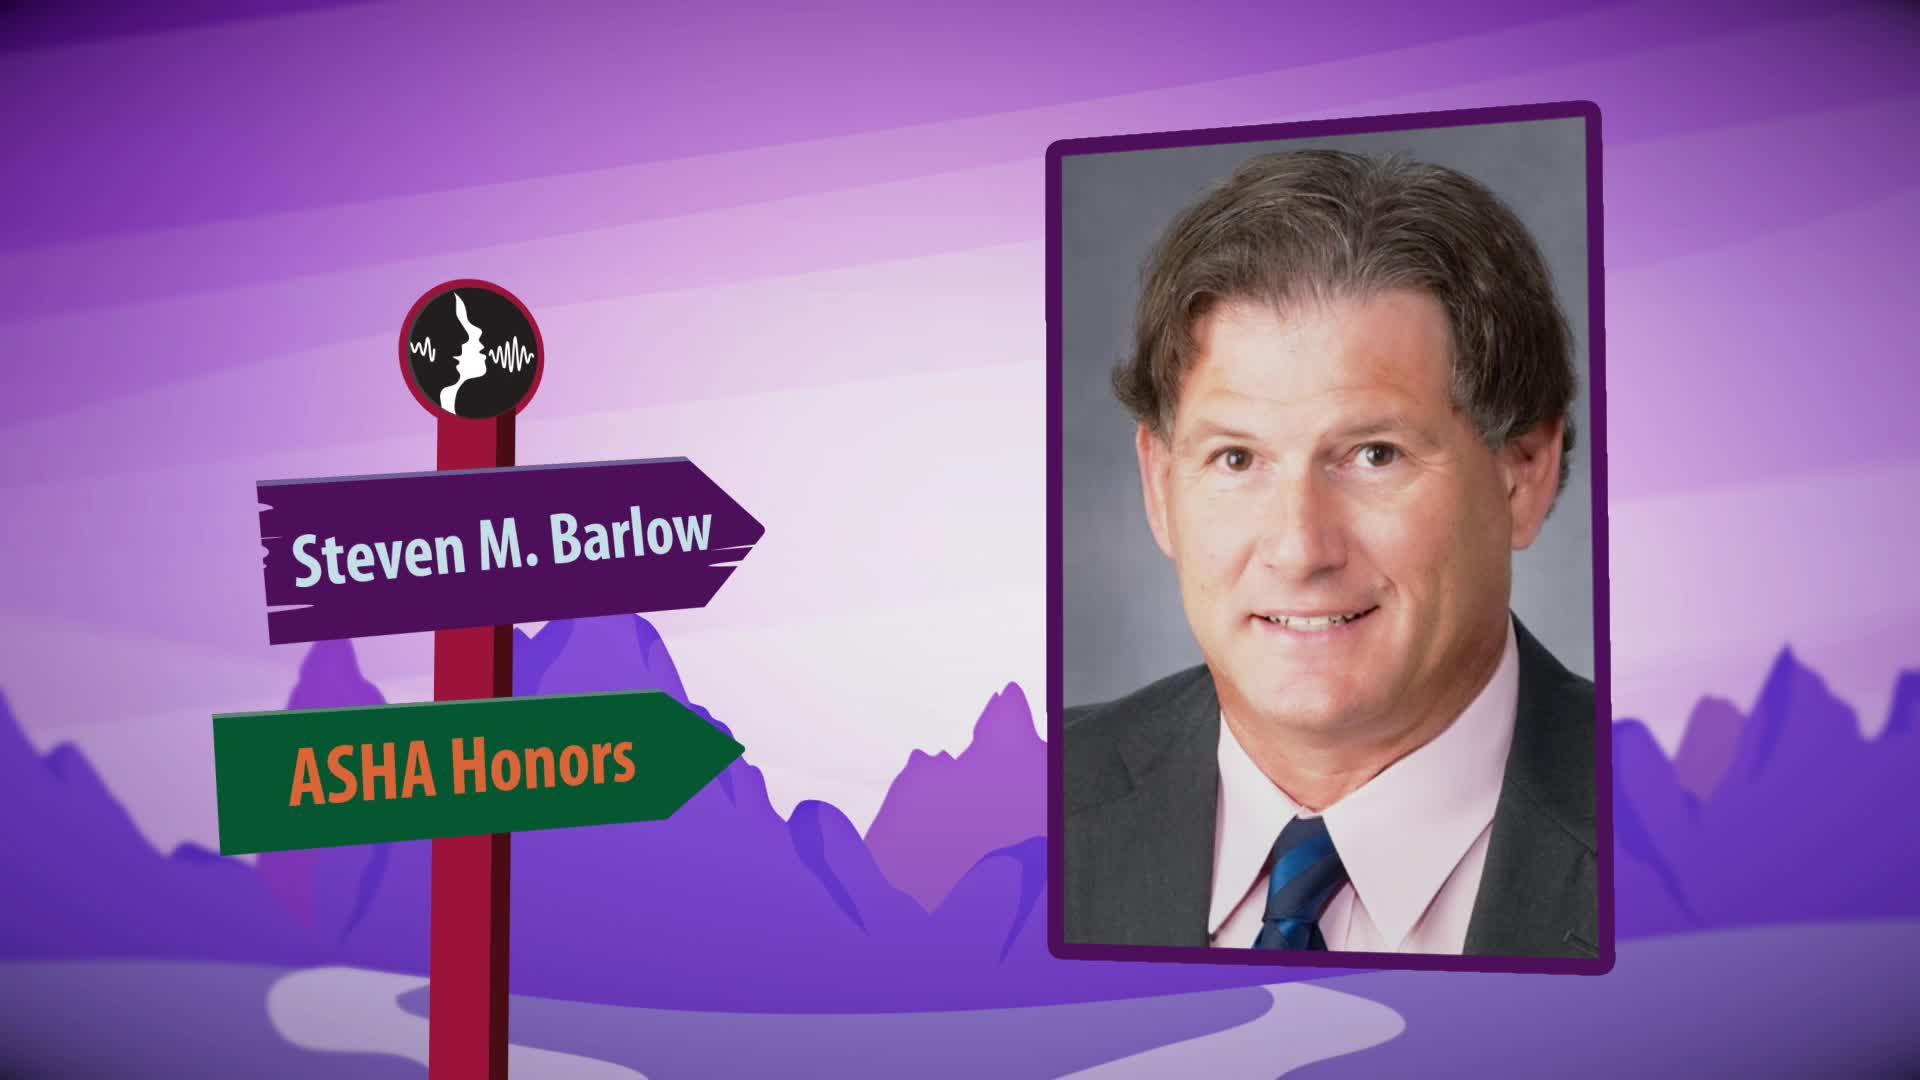 Steven Barlow honored by ASHA